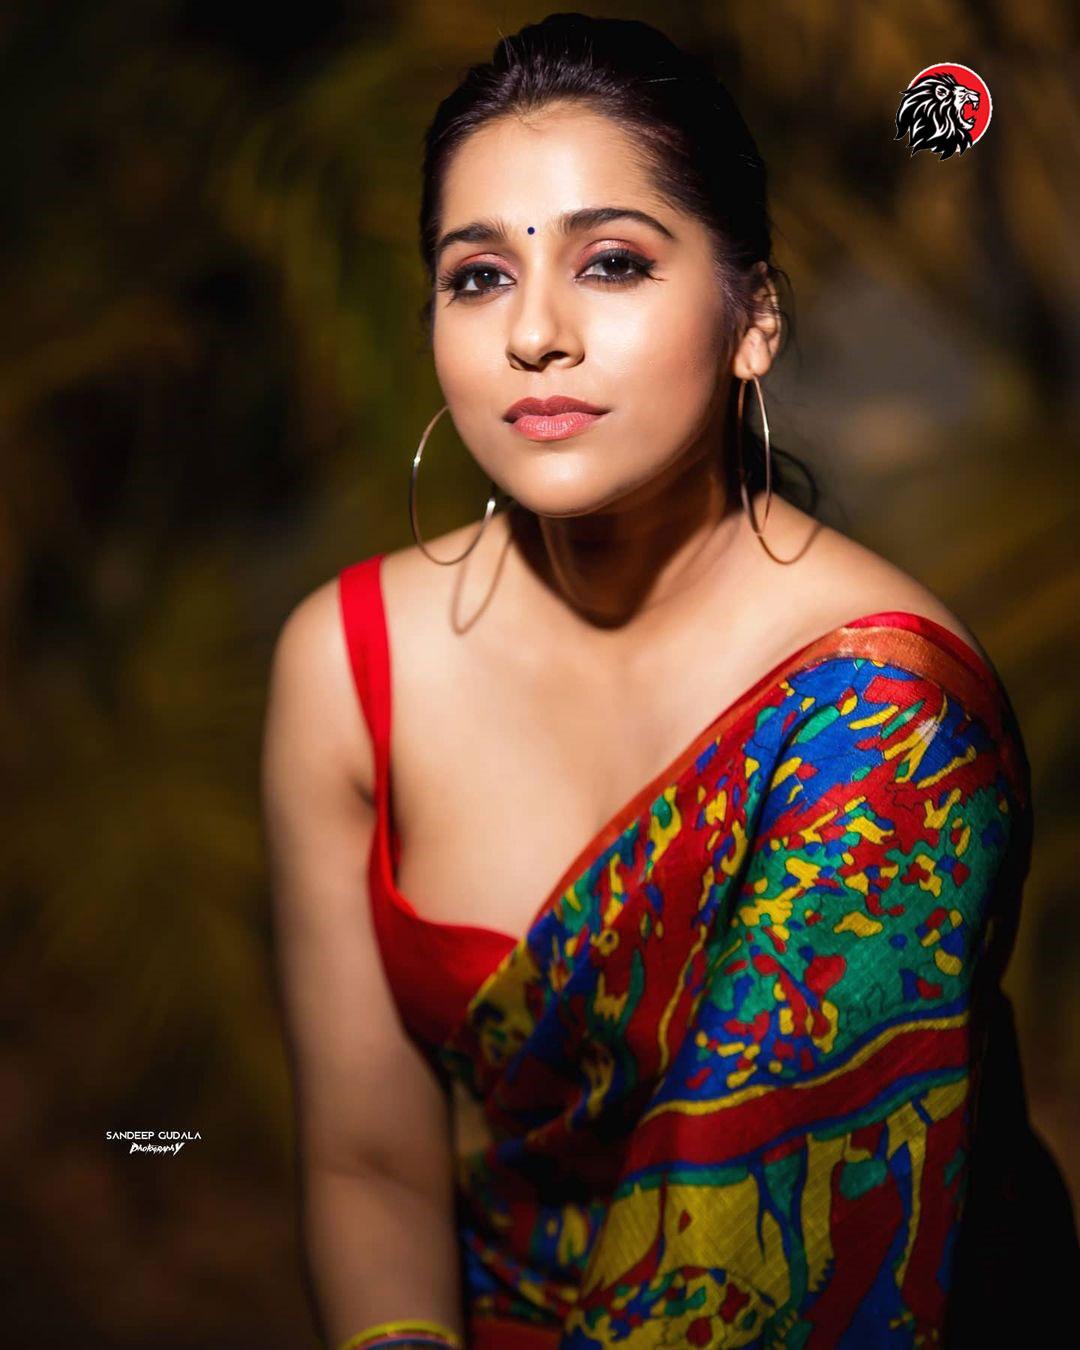 Rashmi Gautam cleavage show - www.theleonews.com